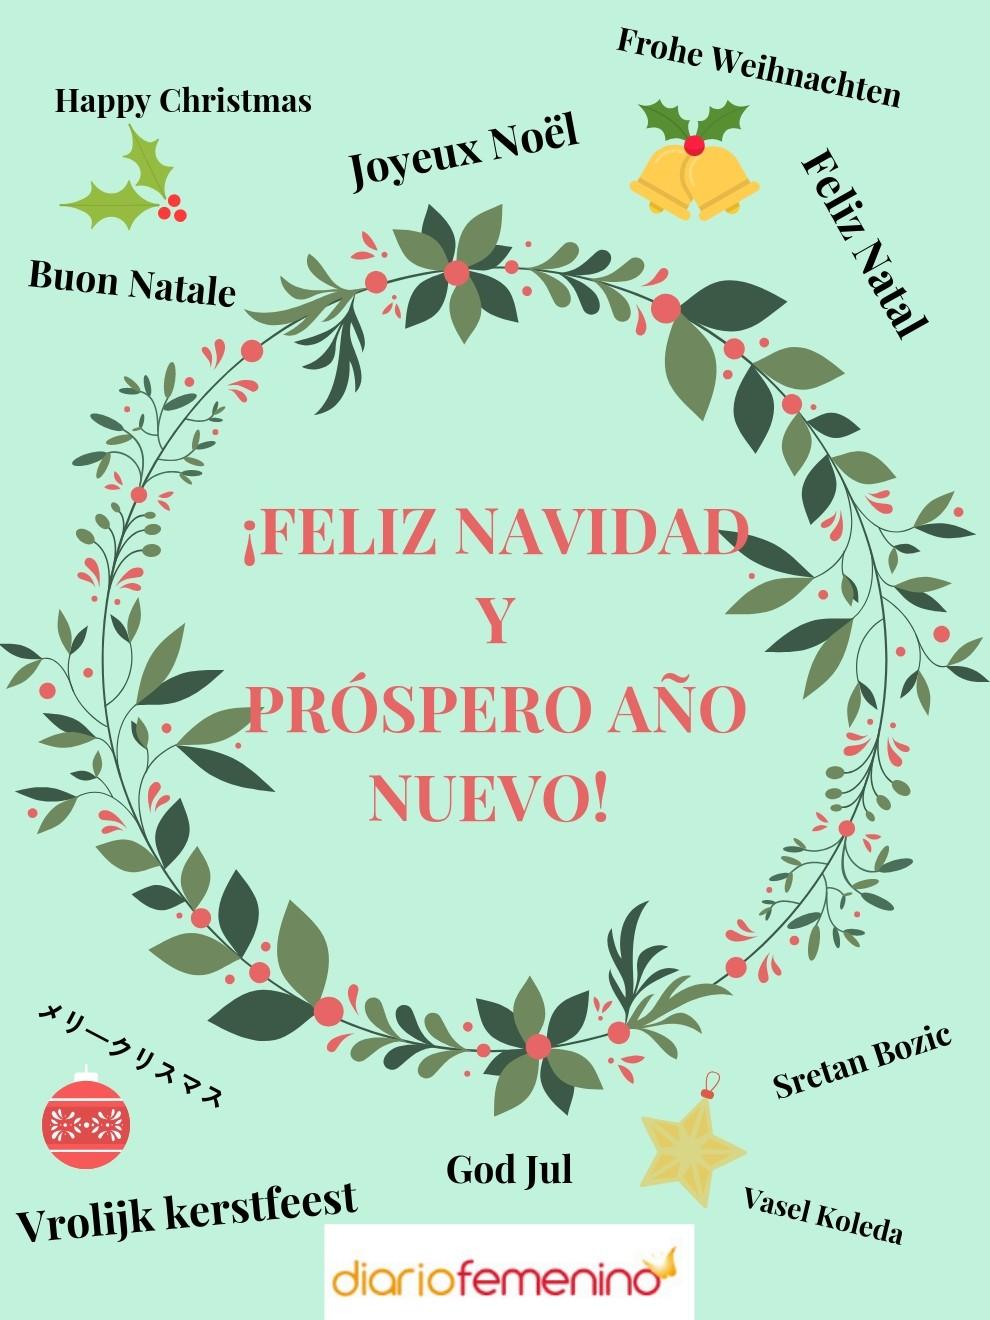 Frase para redes sociales para felicitar la Navidad en distintos idiomas